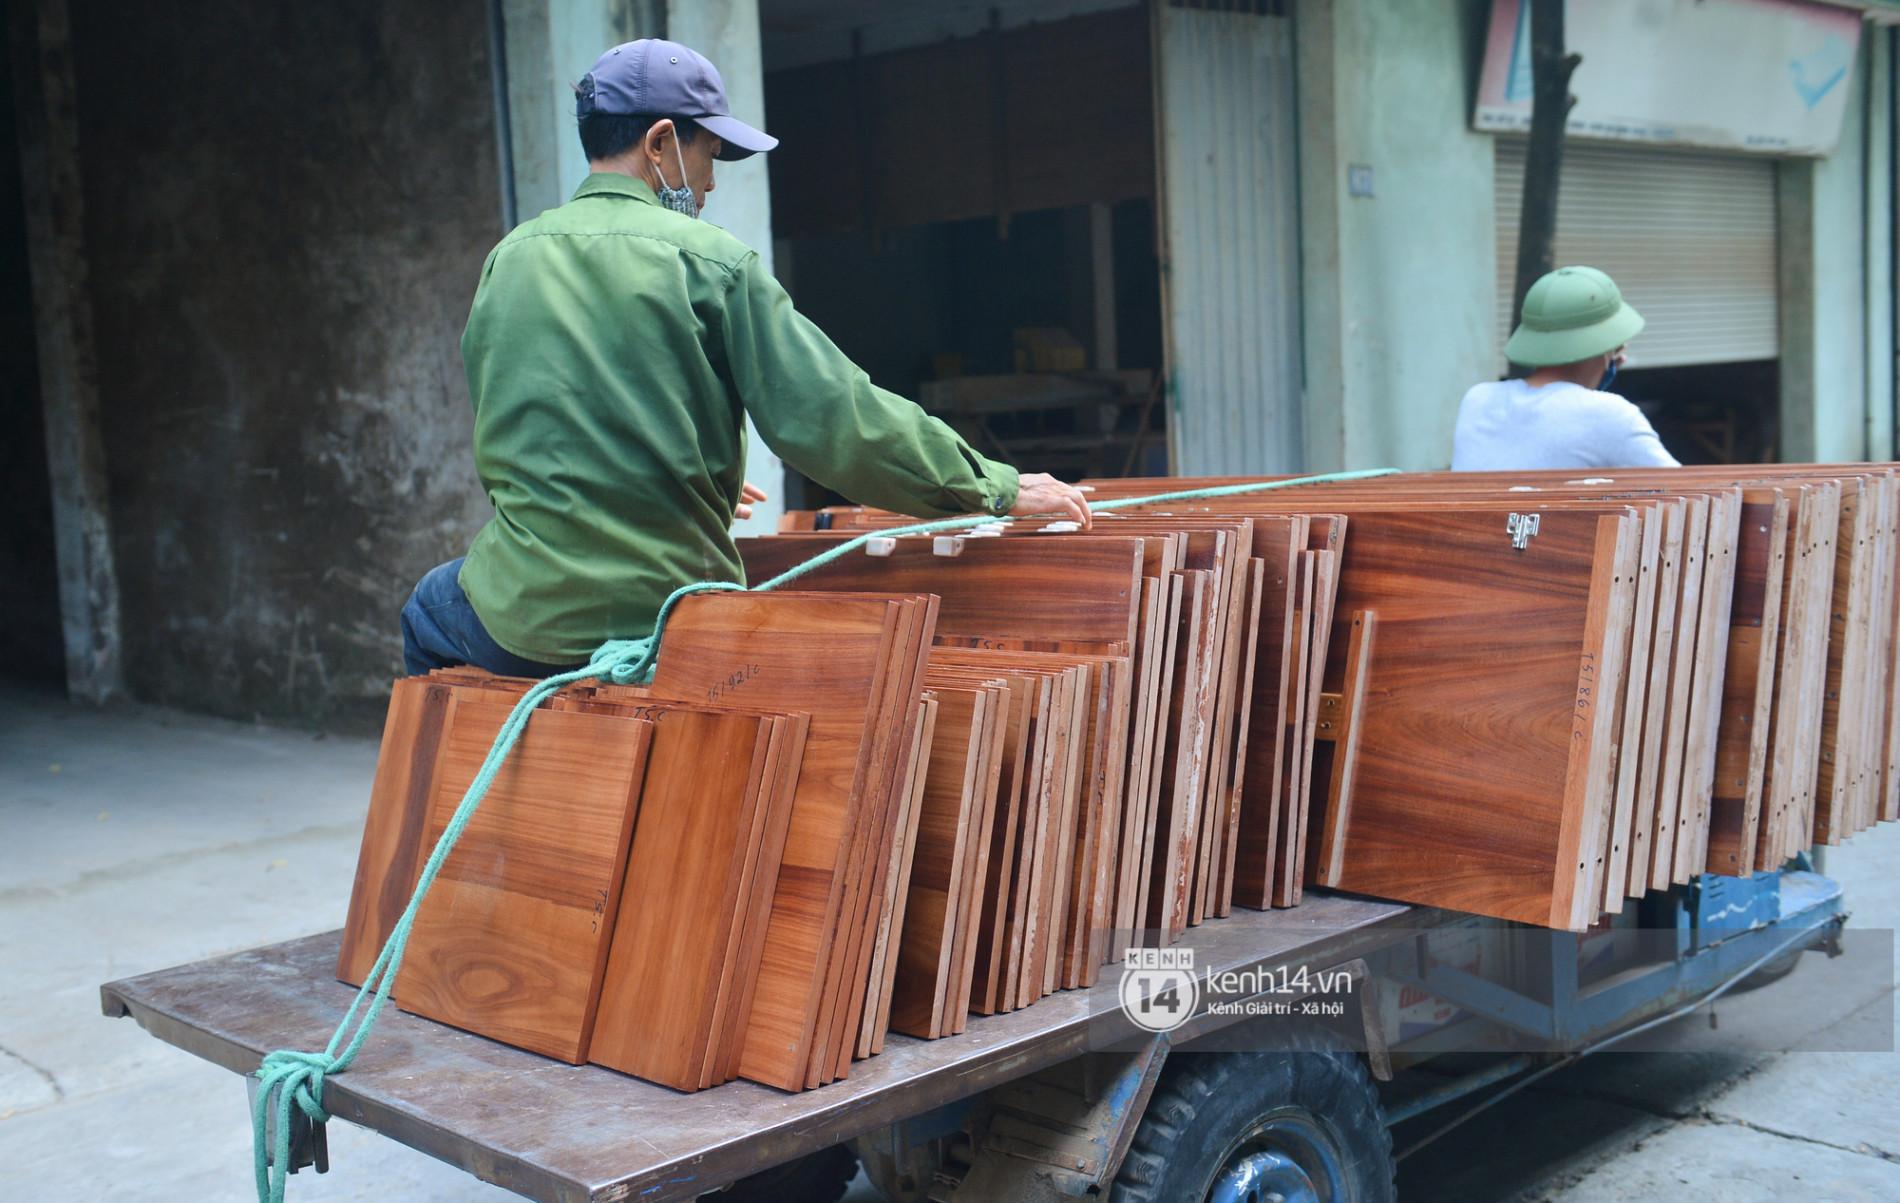 Vụ Hoài Linh bị tố nợ tiền gỗ xây dựng nhà thờ tổ: Người làng nghề mộc Liên Hà lên tiếng, chính quyền xã khẳng định cứng - Ảnh 14.